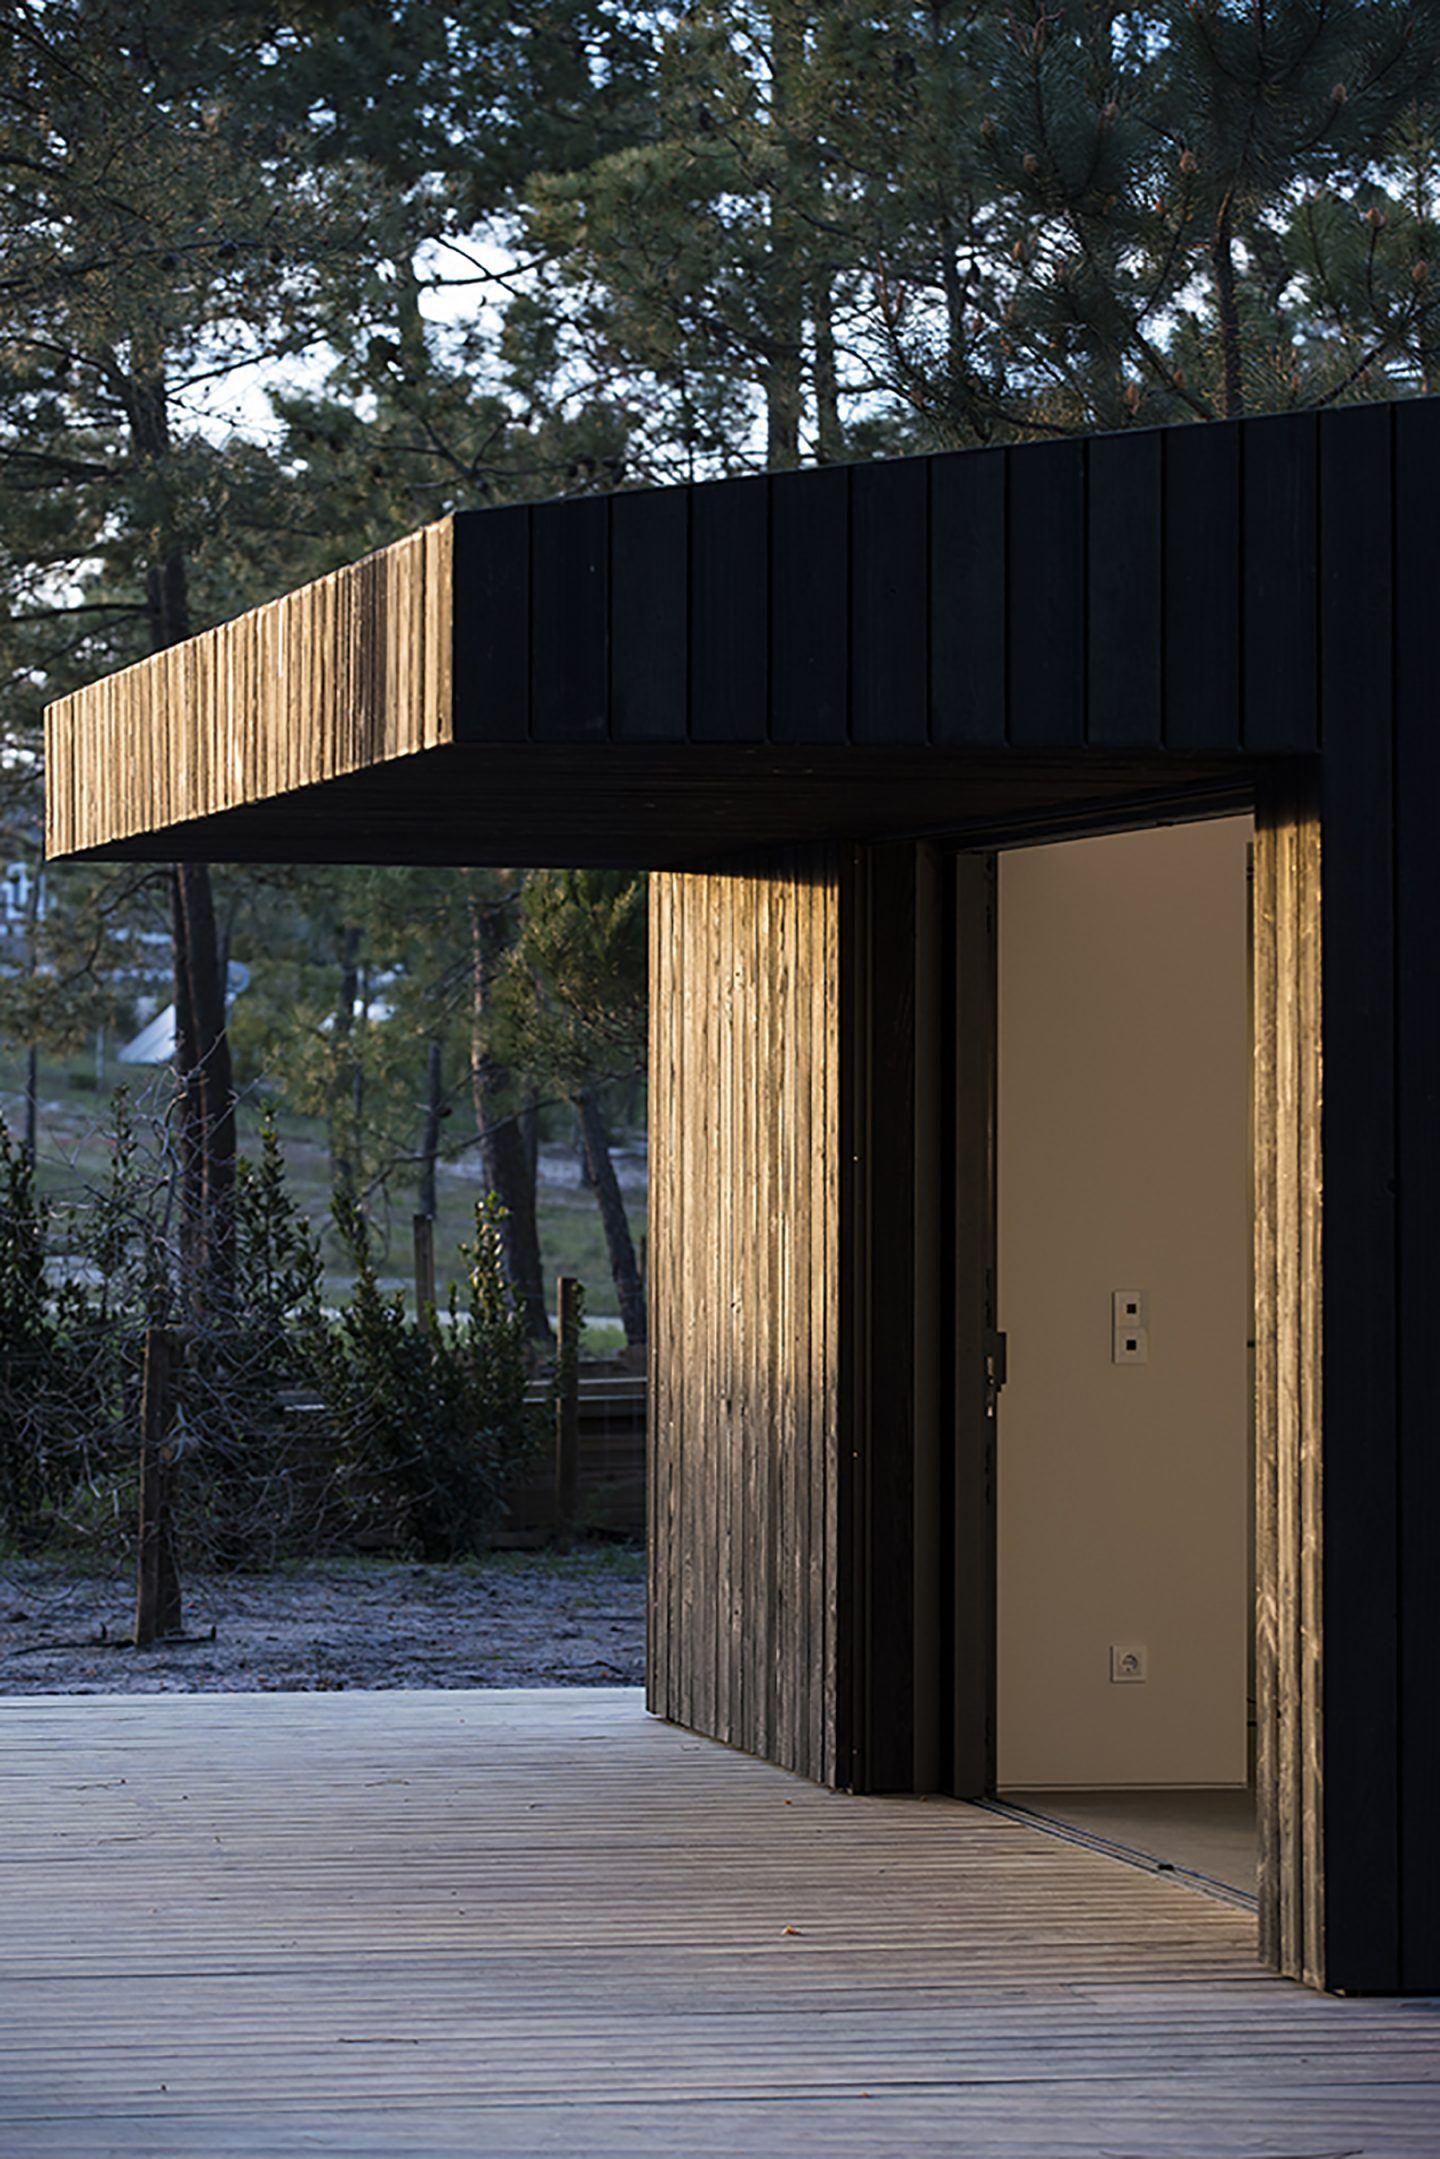 IGNANT-Architecture-Studio-3A-Comporta-Cabins-14